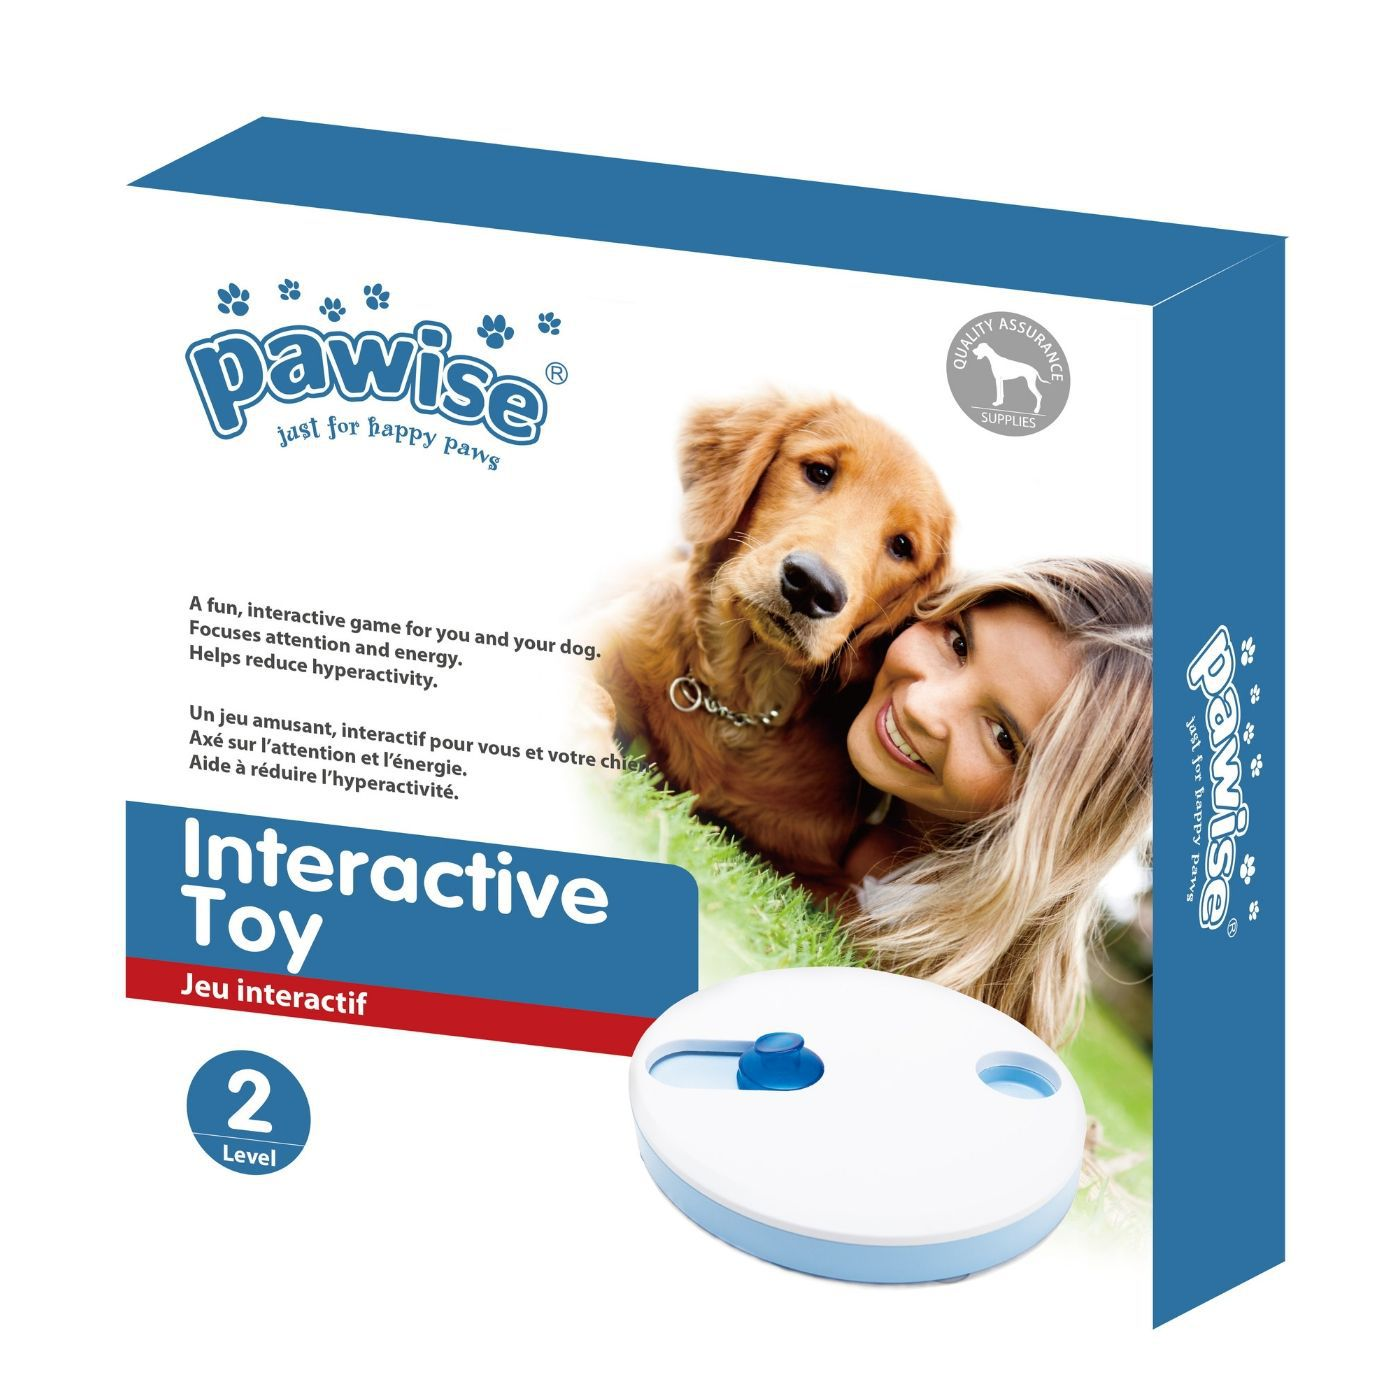 Brinquedo Interativo para Cachorro Pawise